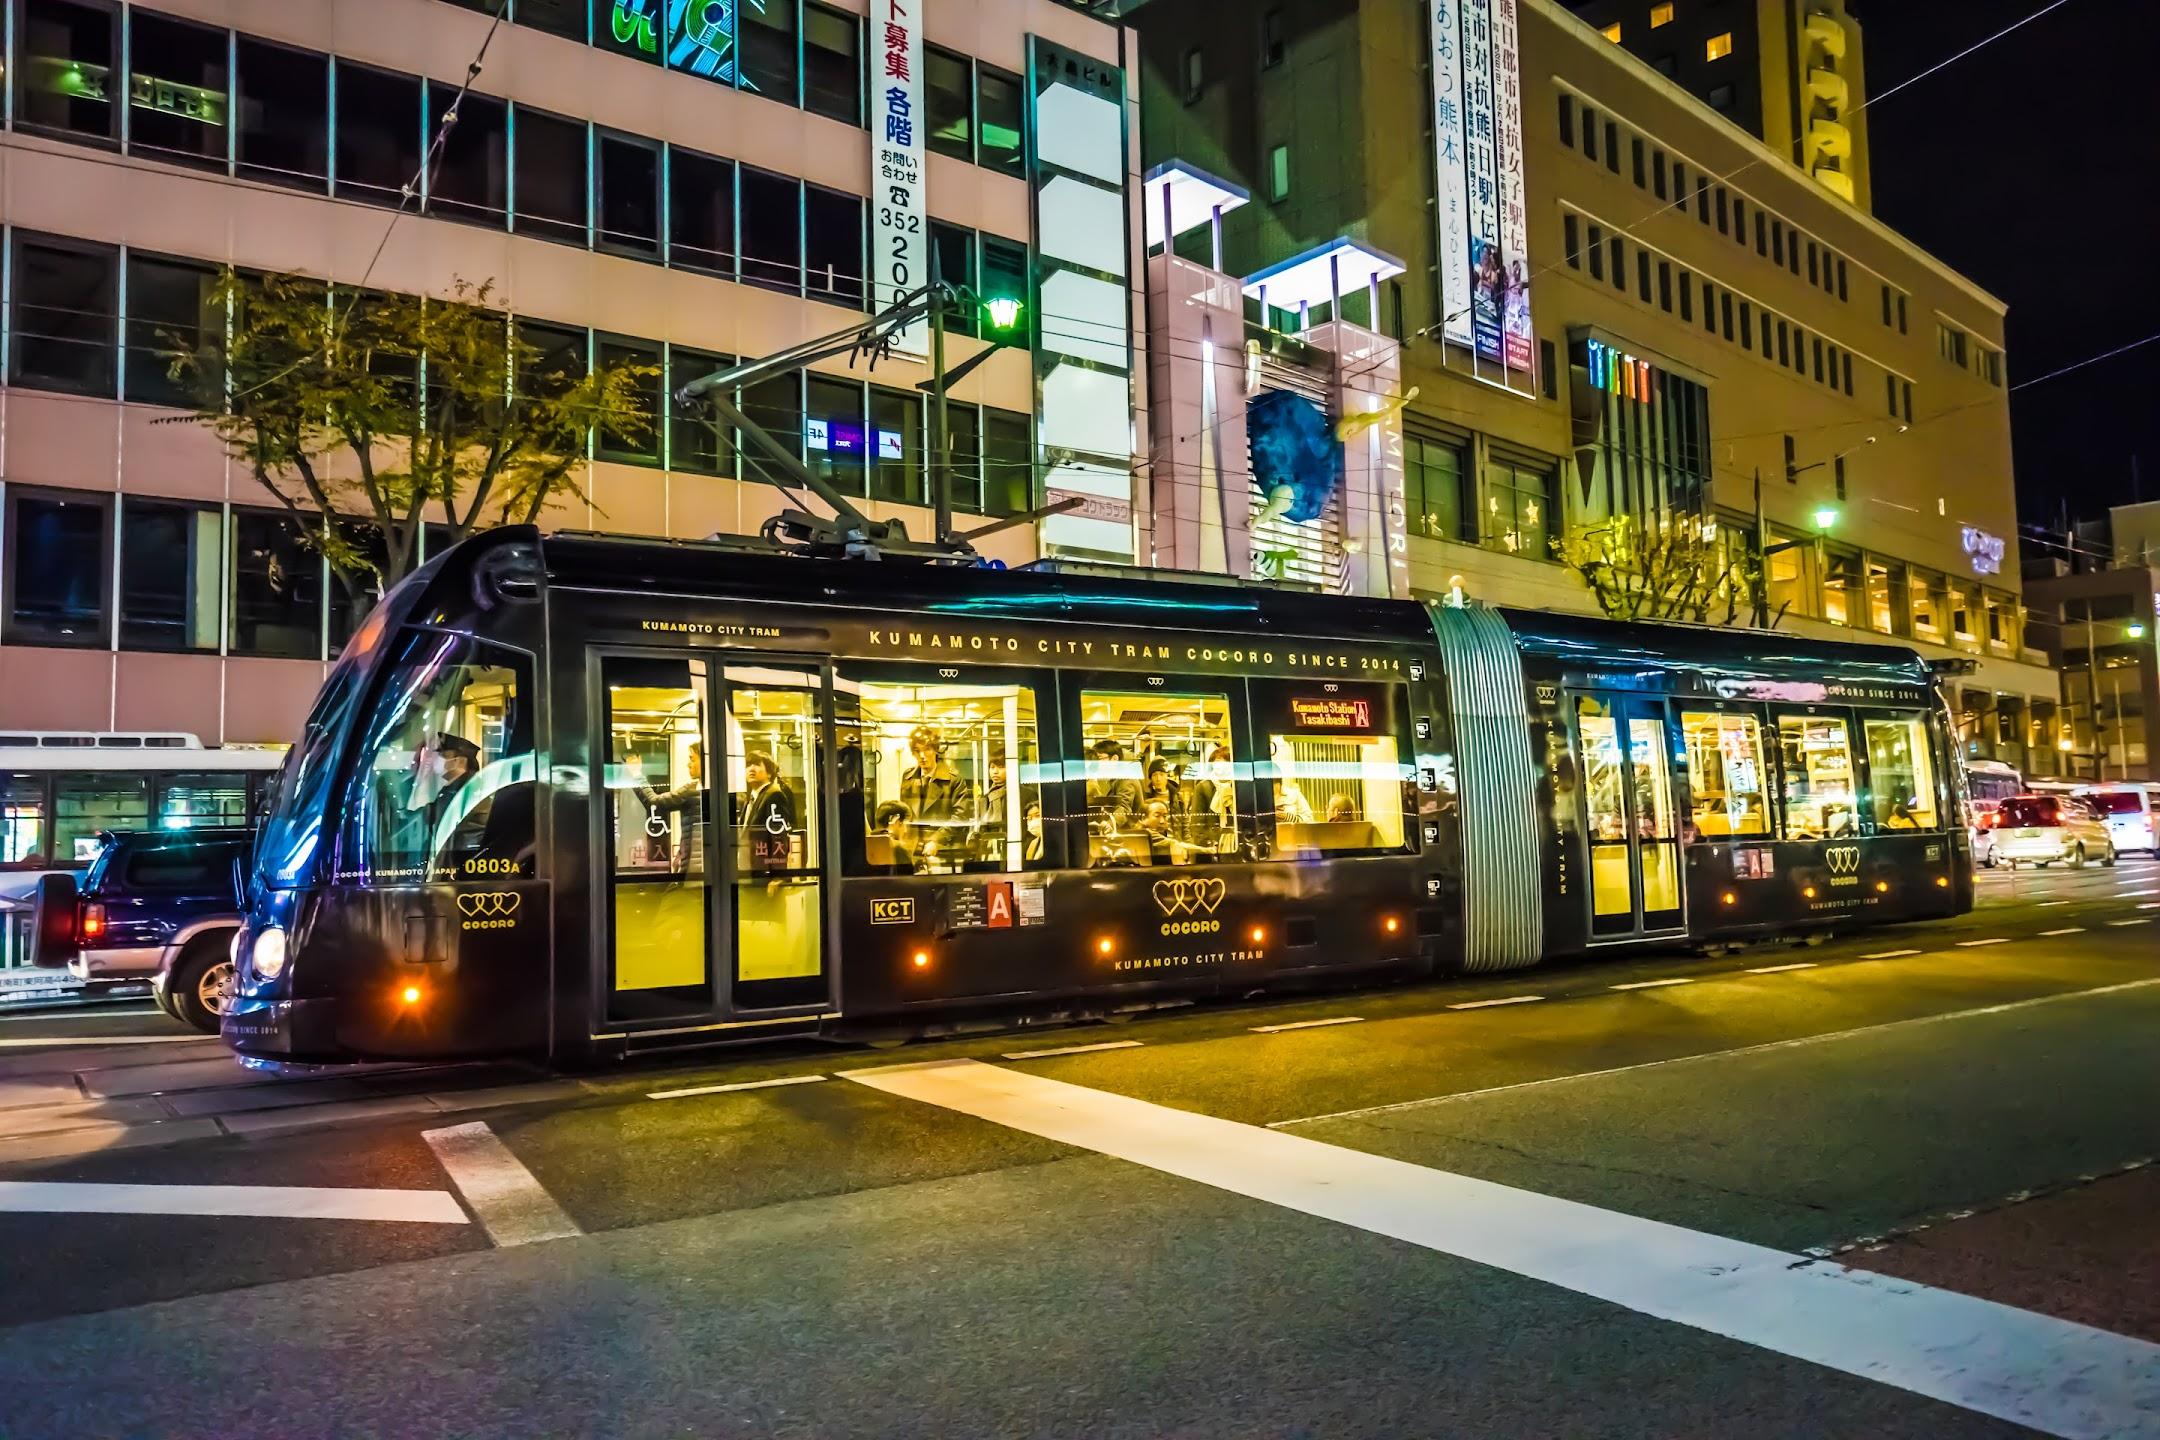 Kumamoto Tram COCORO1